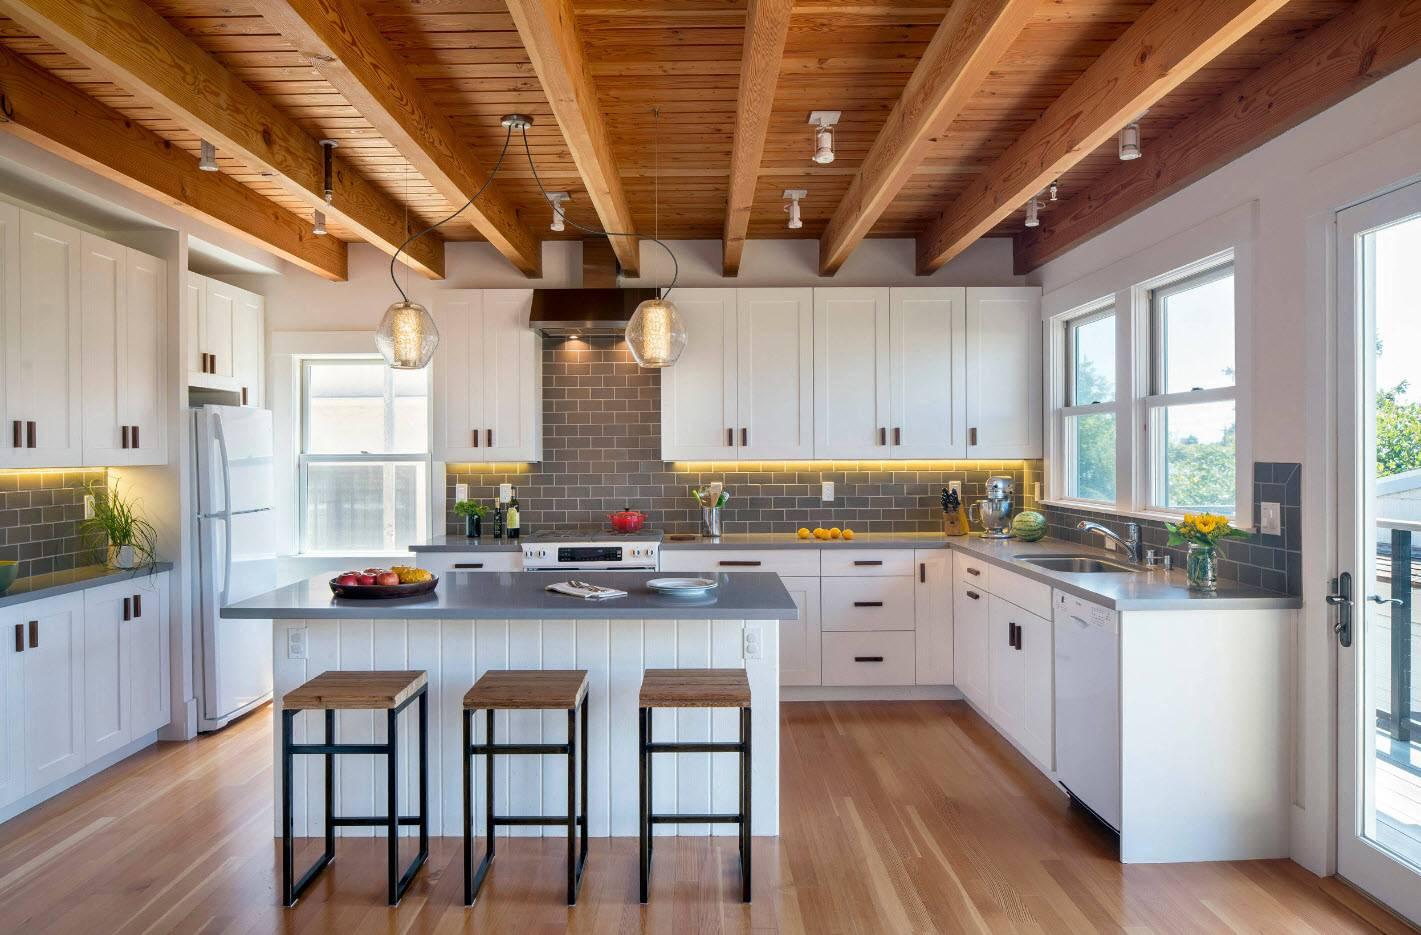 сексуальная кухня дома фотографии разных оттенков белых